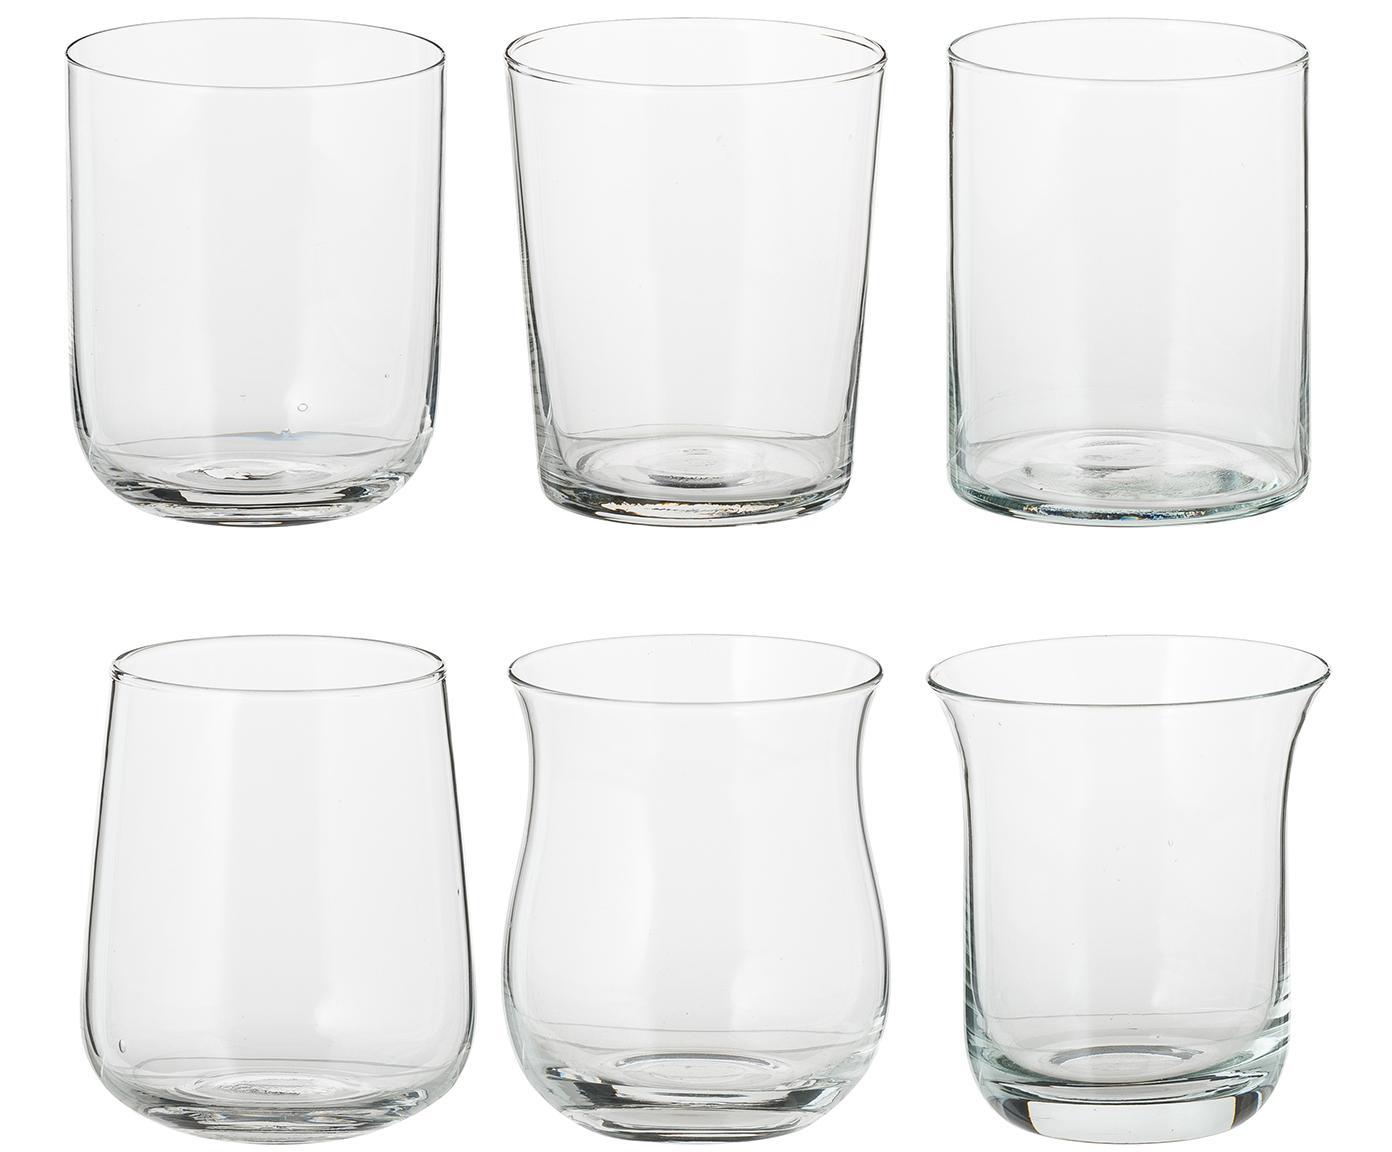 Bicchiere acqua in vetro soffiato Desigual 6 pz, Vetro soffiato, Trasparente, Ø 8 x Alt. 10 cm